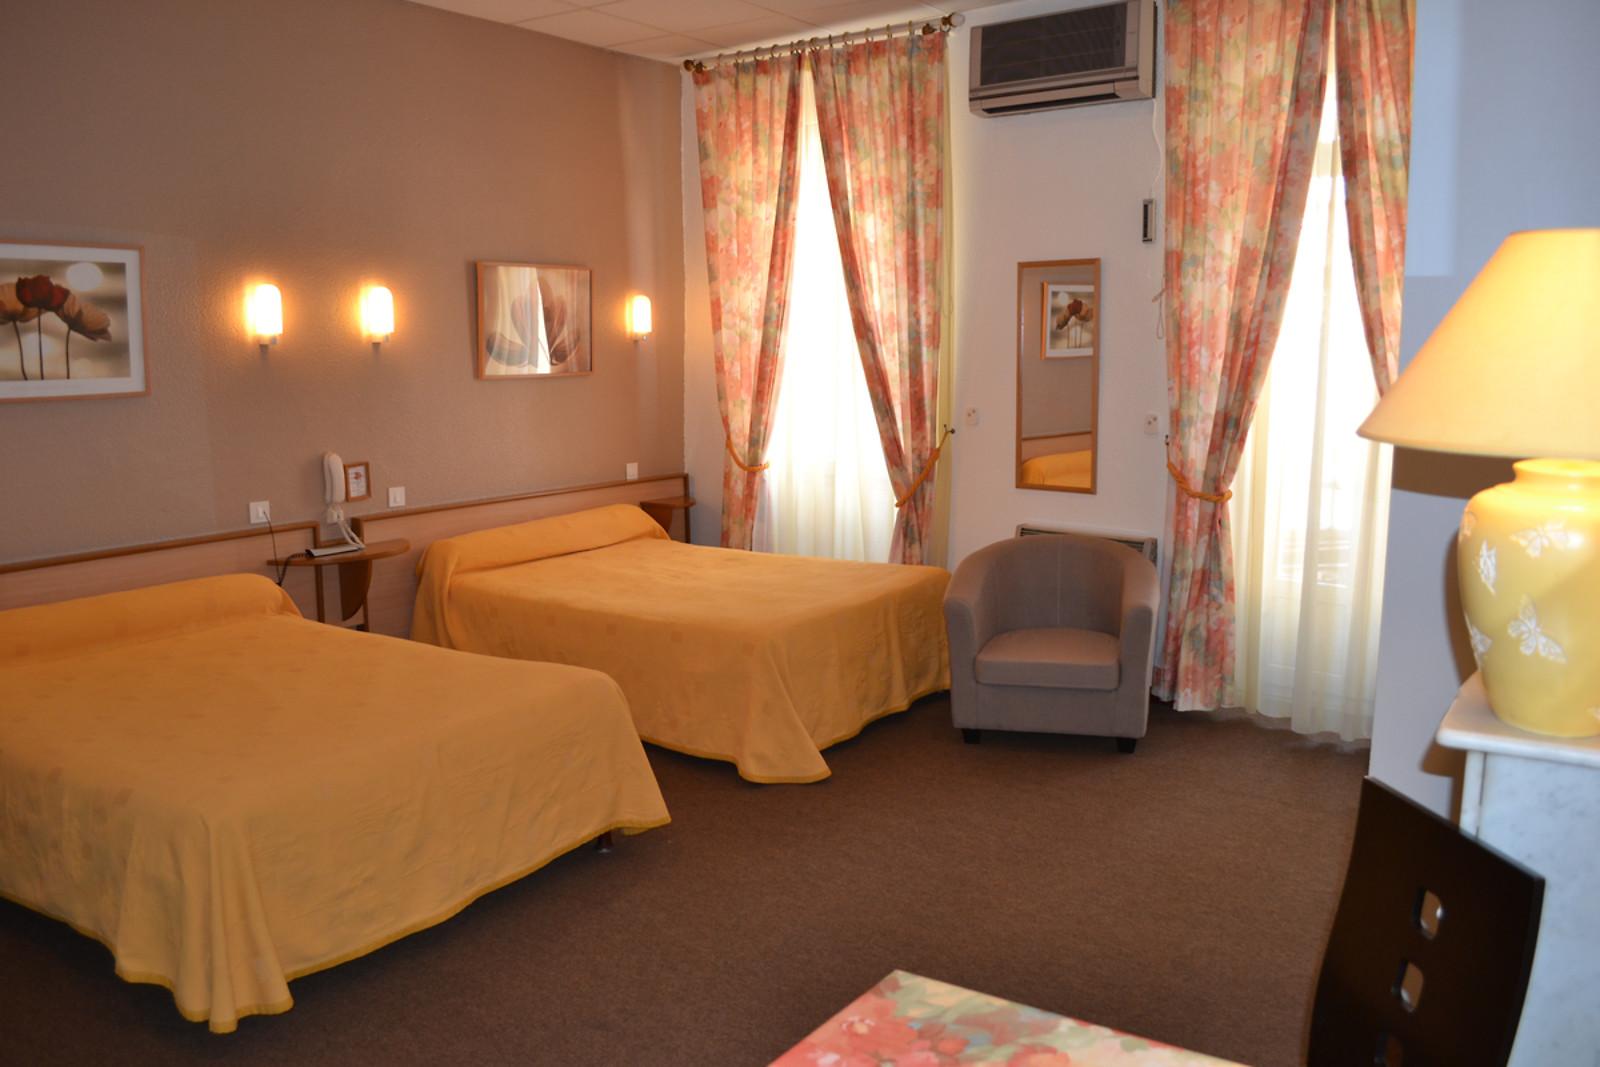 Nuit pour 2 l 39 h tel d 39 angleterre salon de provence 13 wonderbox - Hotel d angleterre salon de provence ...